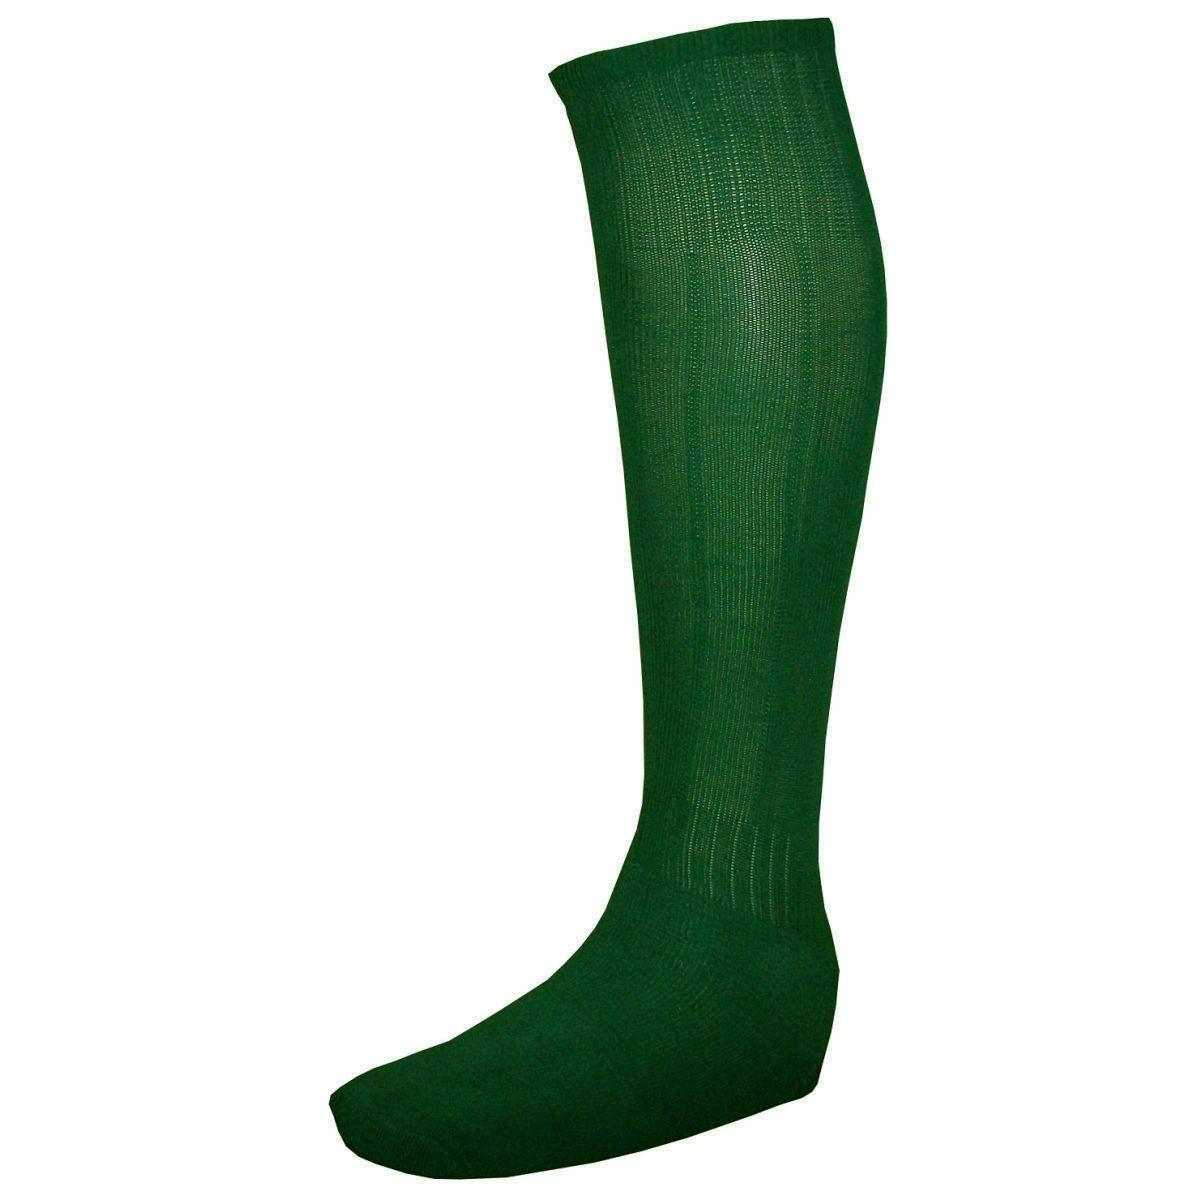 Uniforme Esportivo com 14 camisas modelo Suécia Verde/Branco + 14 calções modelo Copa Verde/Branco + 14 pares de meiões Verde